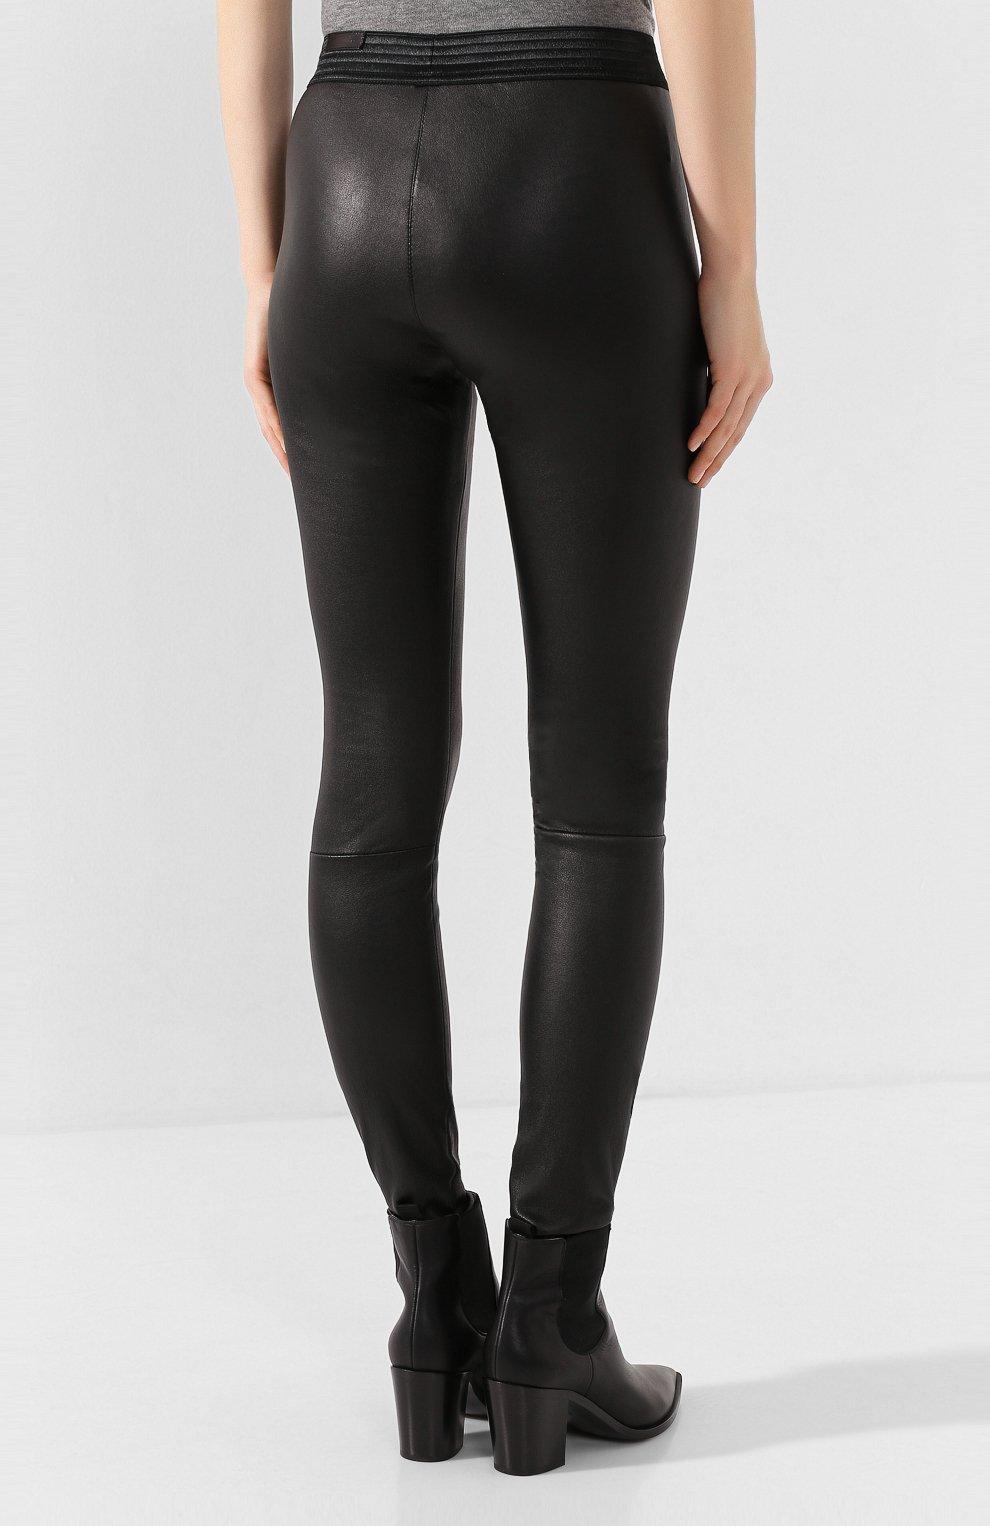 Женские кожаные леггинсы DROME черного цвета, арт. DPD1017P/D1835P | Фото 4 (Длина (брюки, джинсы): Удлиненные, Стандартные; Женское Кросс-КТ: Леггинсы-одежда, Кожаные брюки; Статус проверки: Проверена категория)